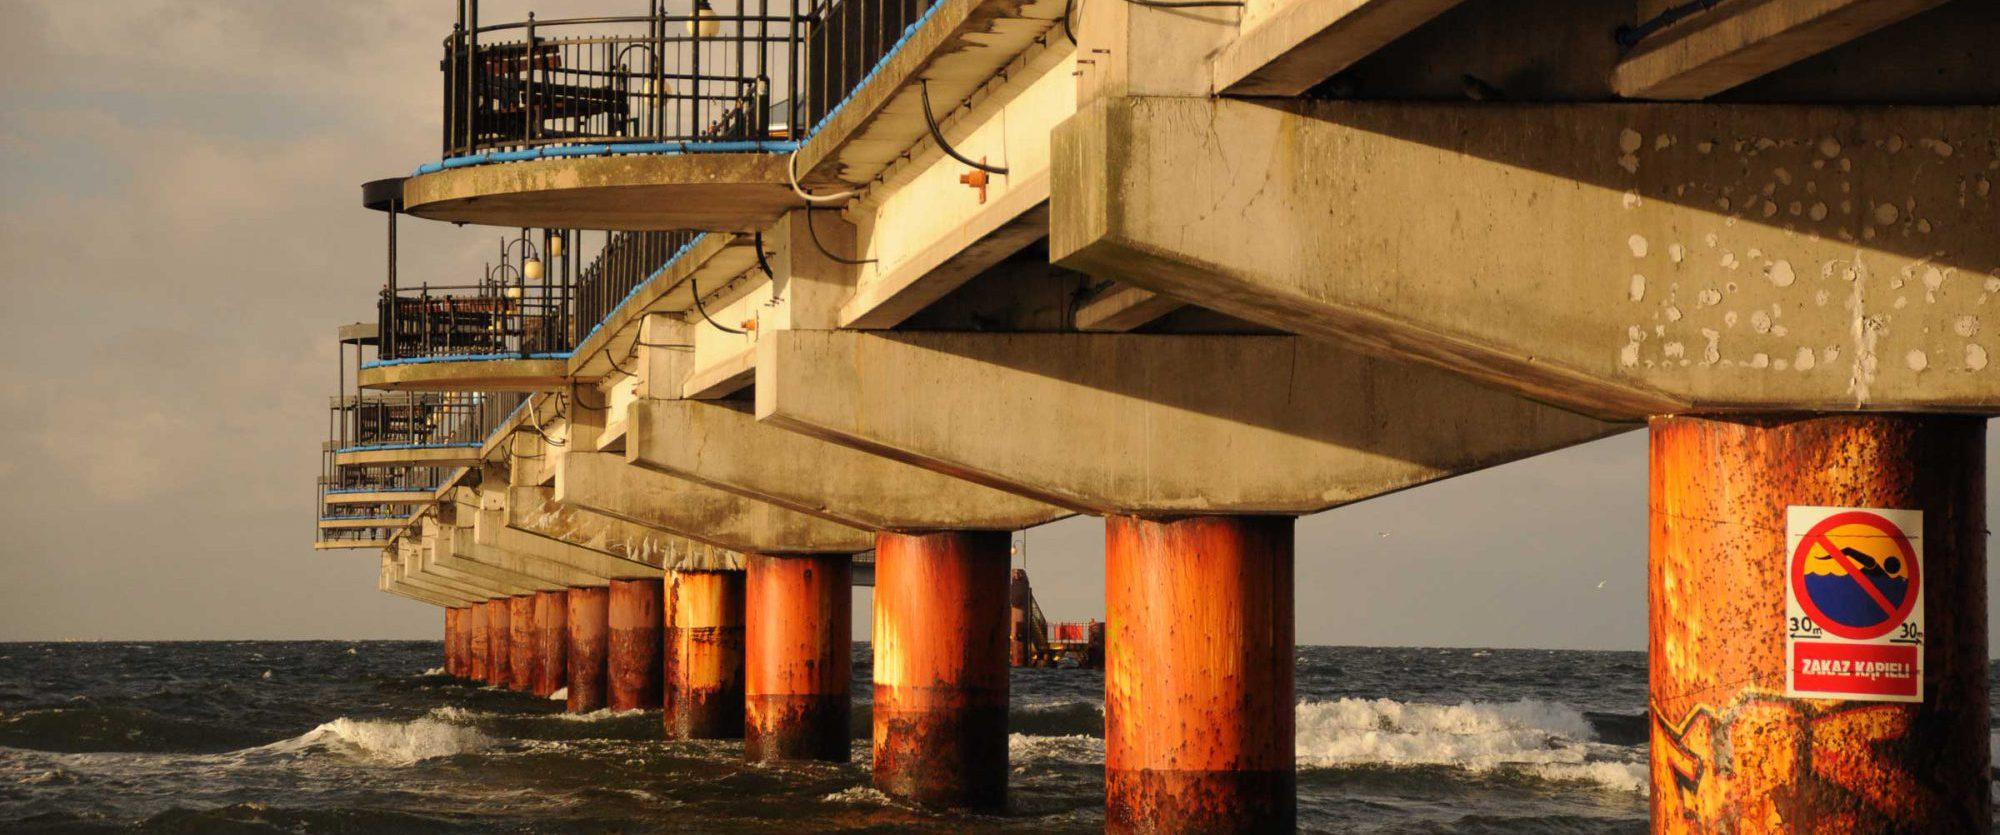 Am Strand von Misdroy in Polen 3